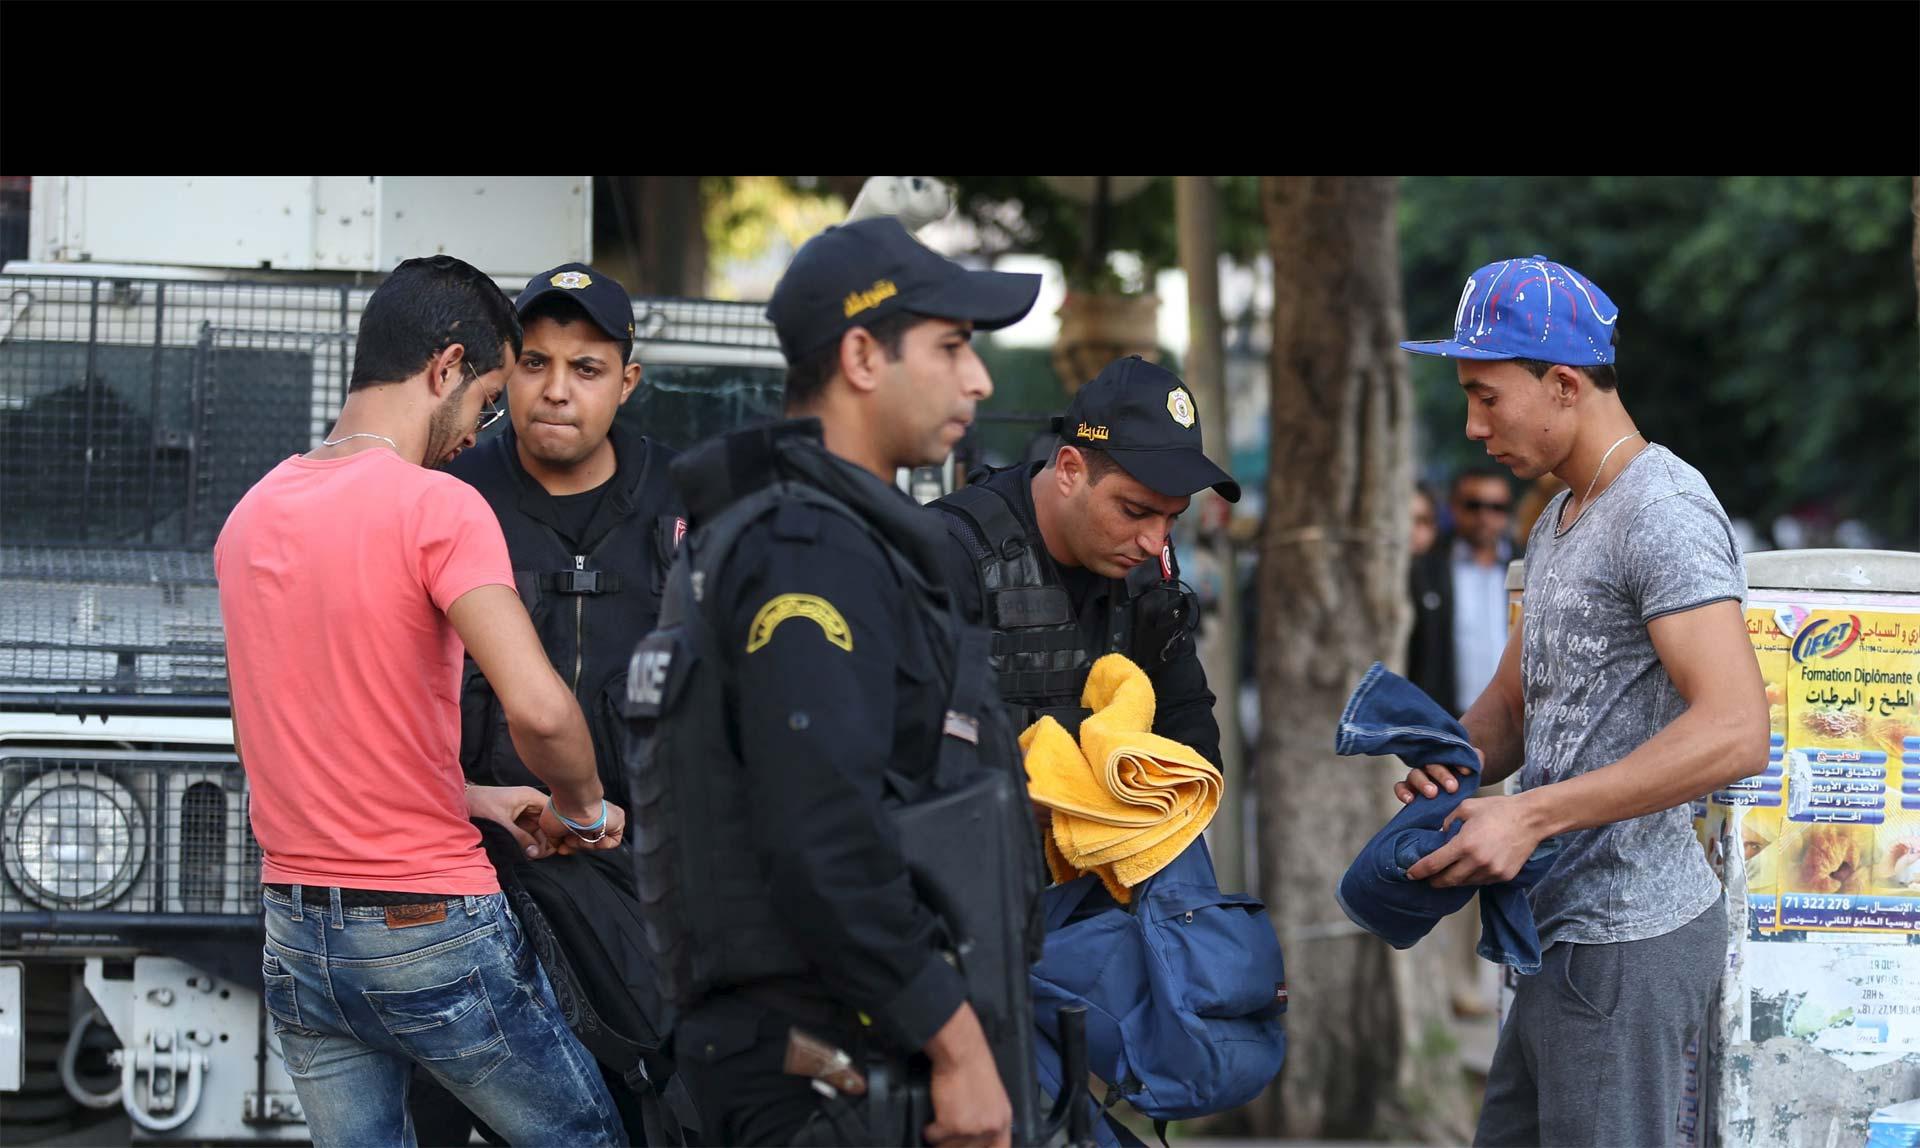 El operativo desplegado tras la activación del estado de emergencia dejó 31 detenidos